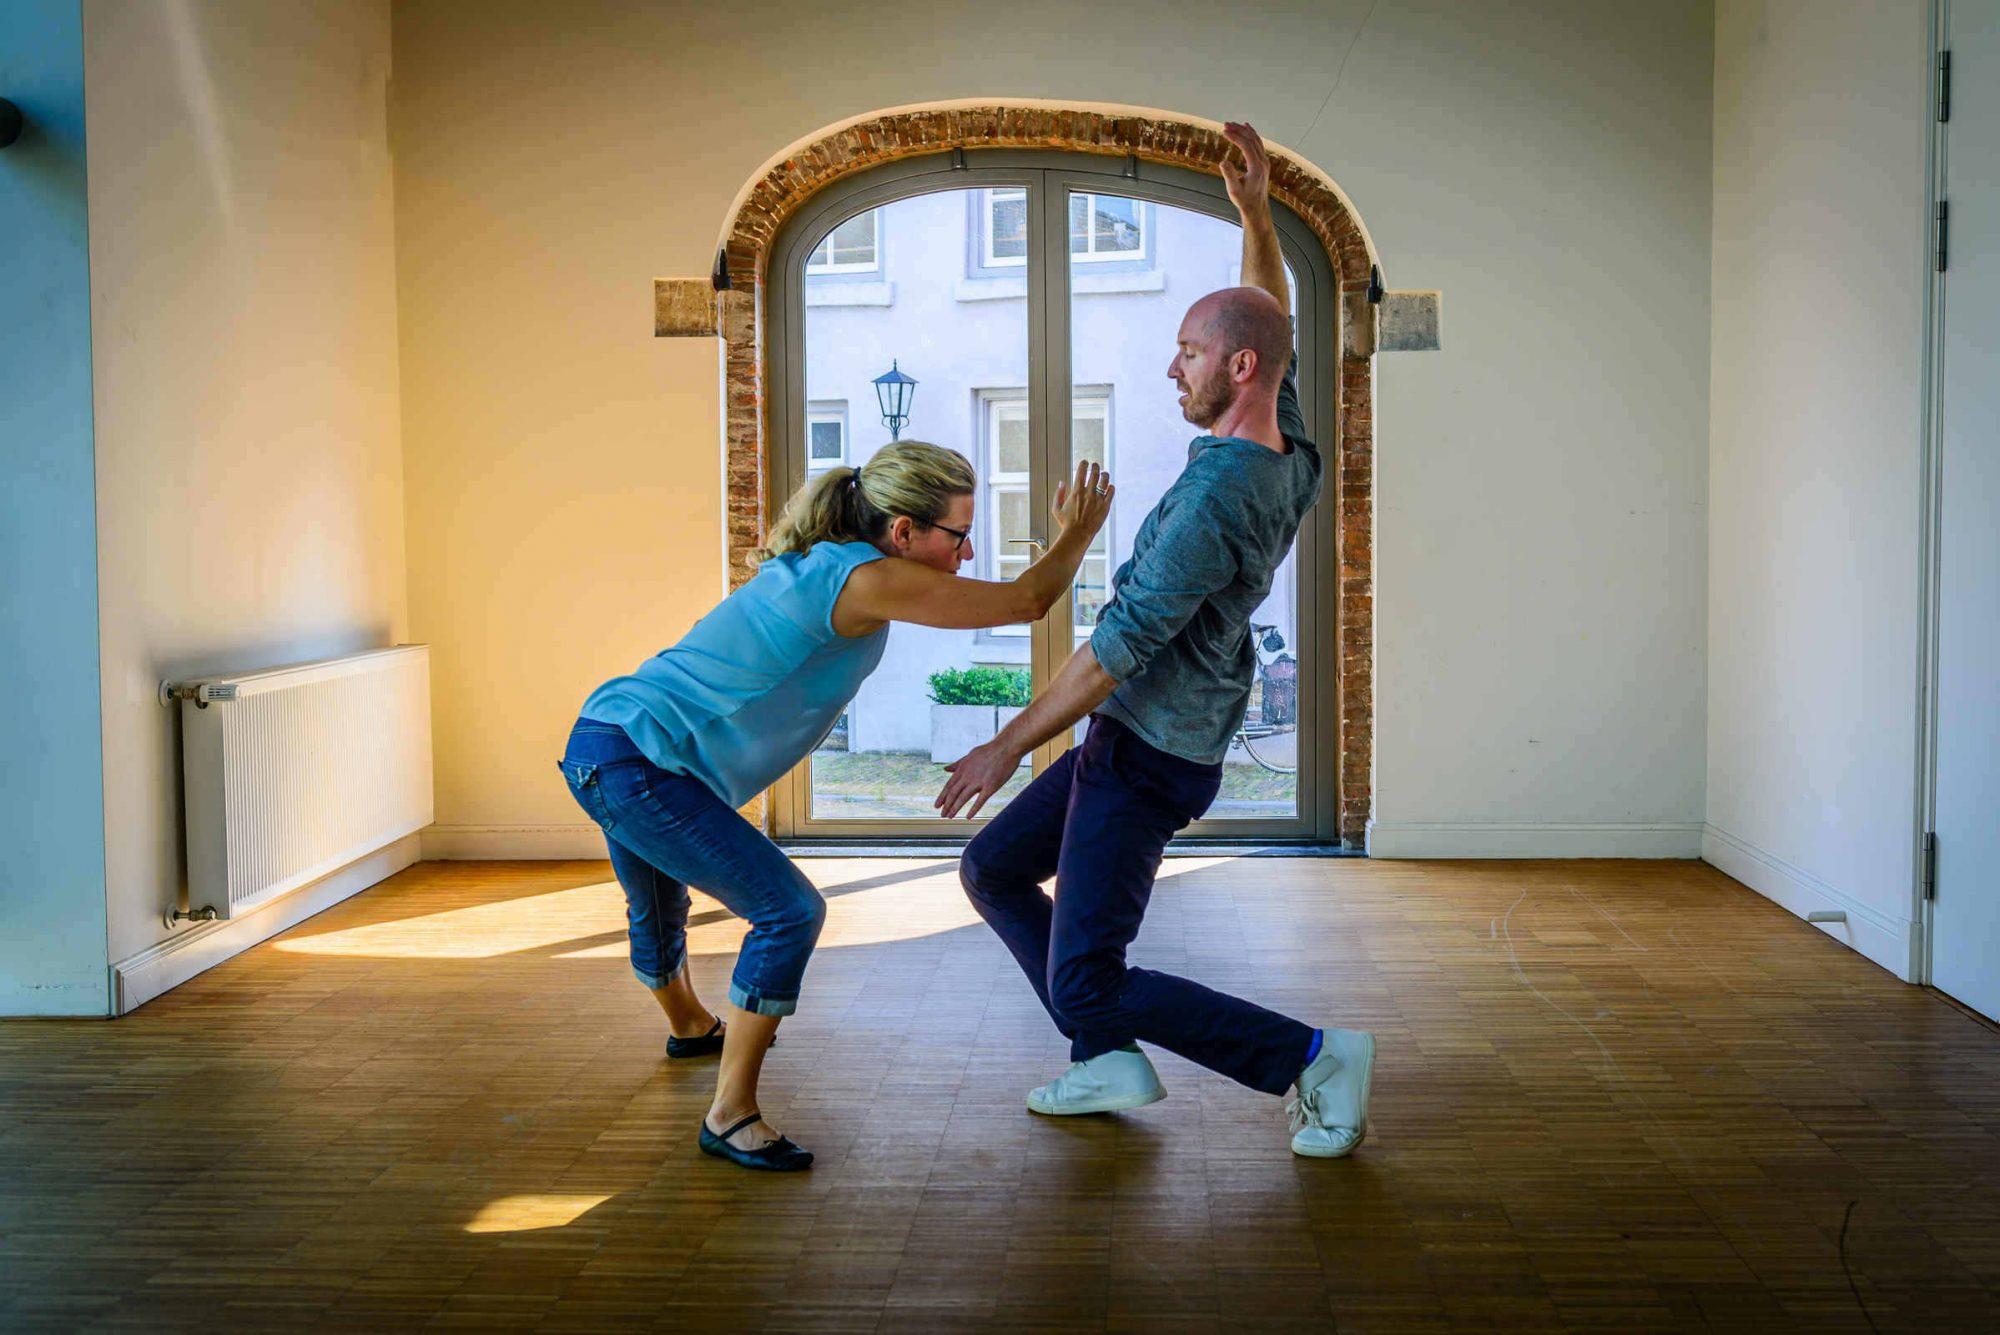 Esther danst voor haar 'health'